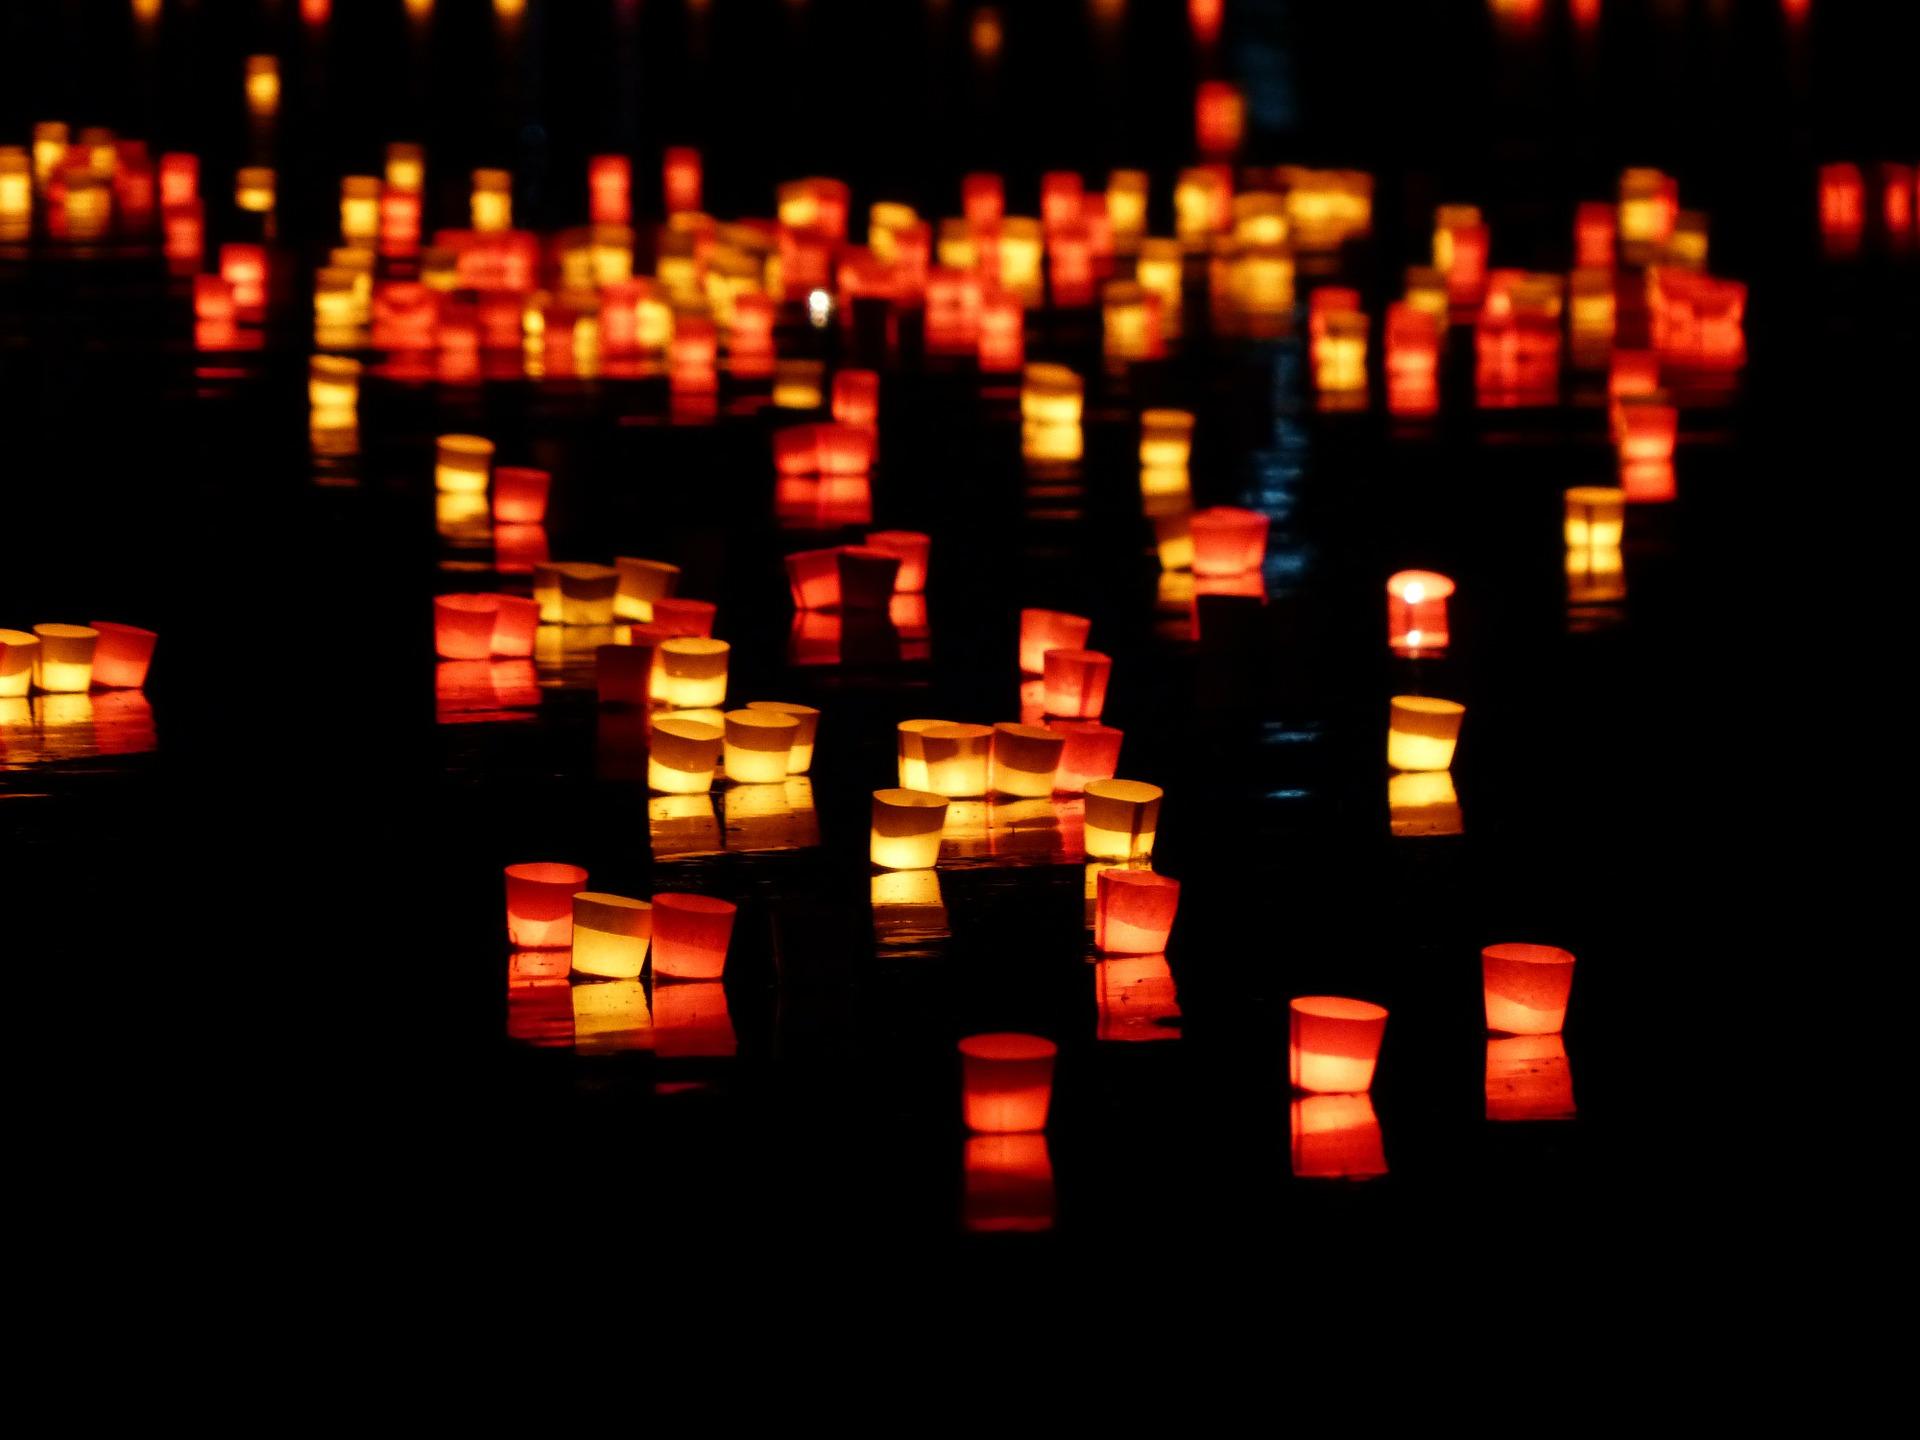 Kerzenlicht im Advent, man kann ein Sternenlicht als Weihnachtsdeko basteln.